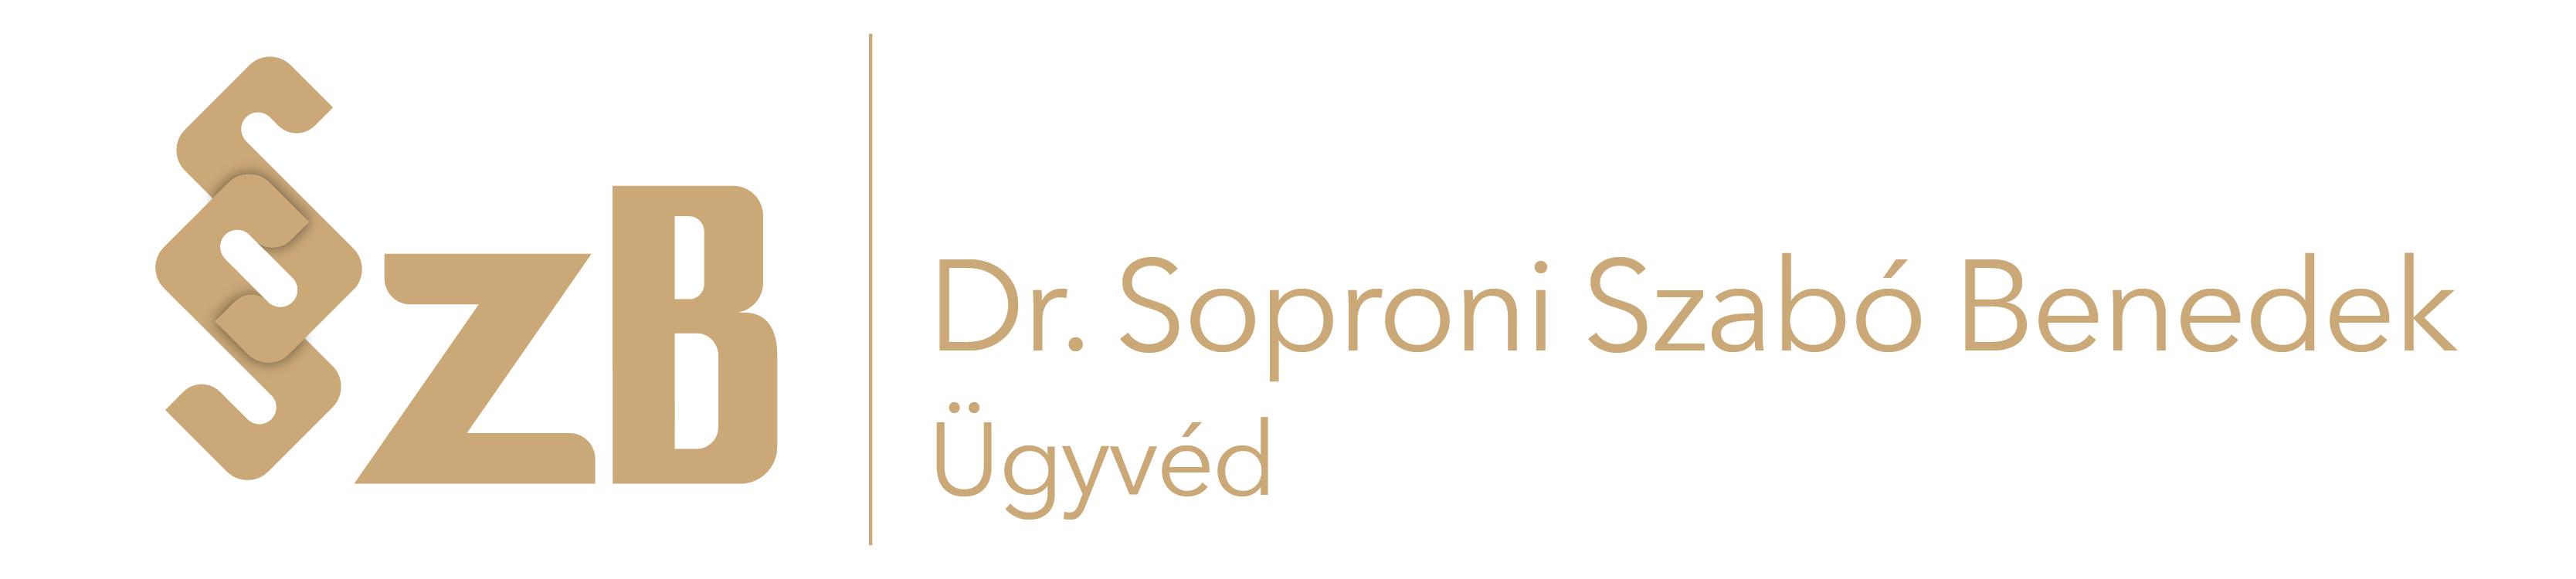 Dr. Soproni Szabó Benedek ügyvéd